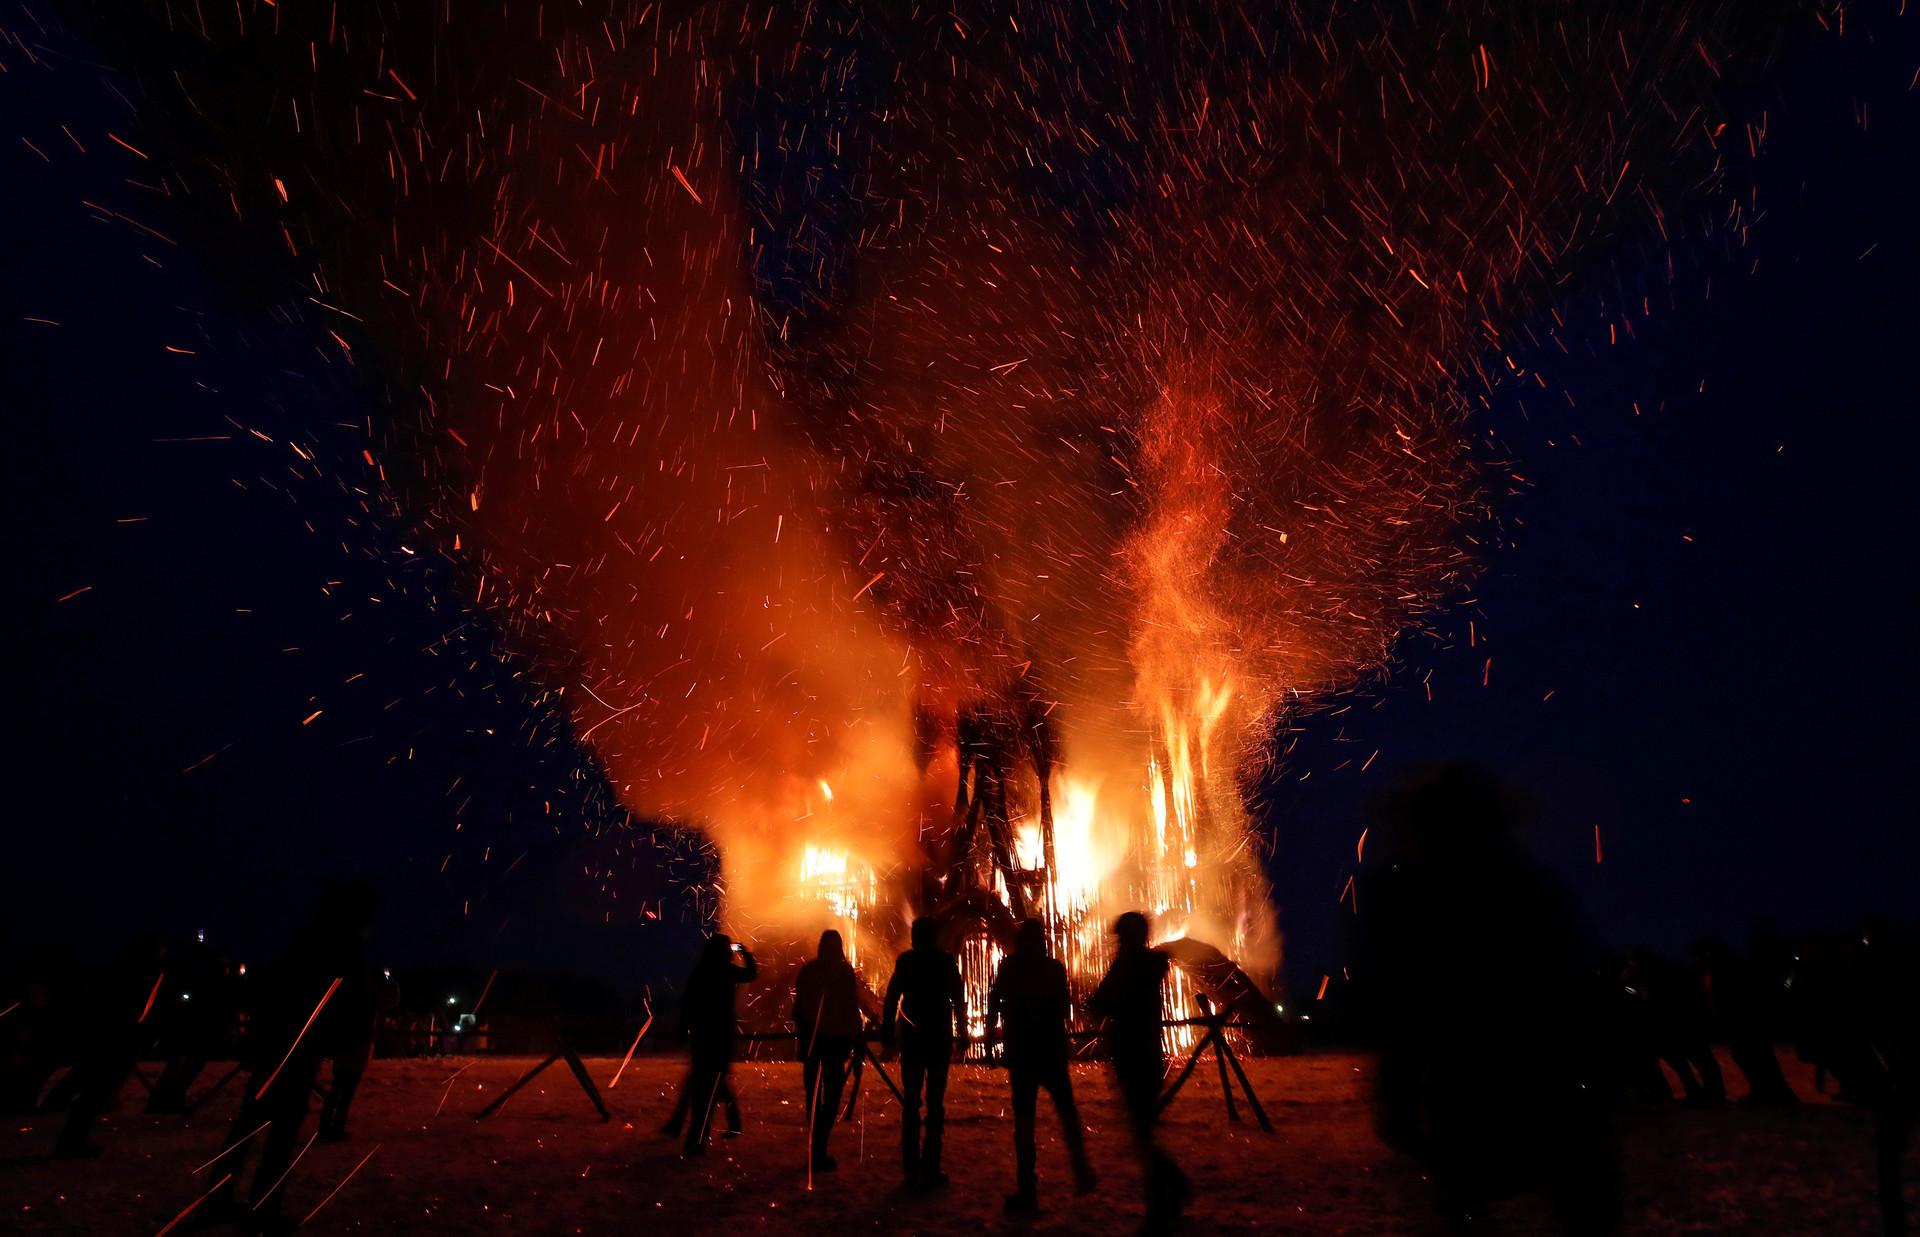 За само неколико секунди пламен је захватио целу грађевину.